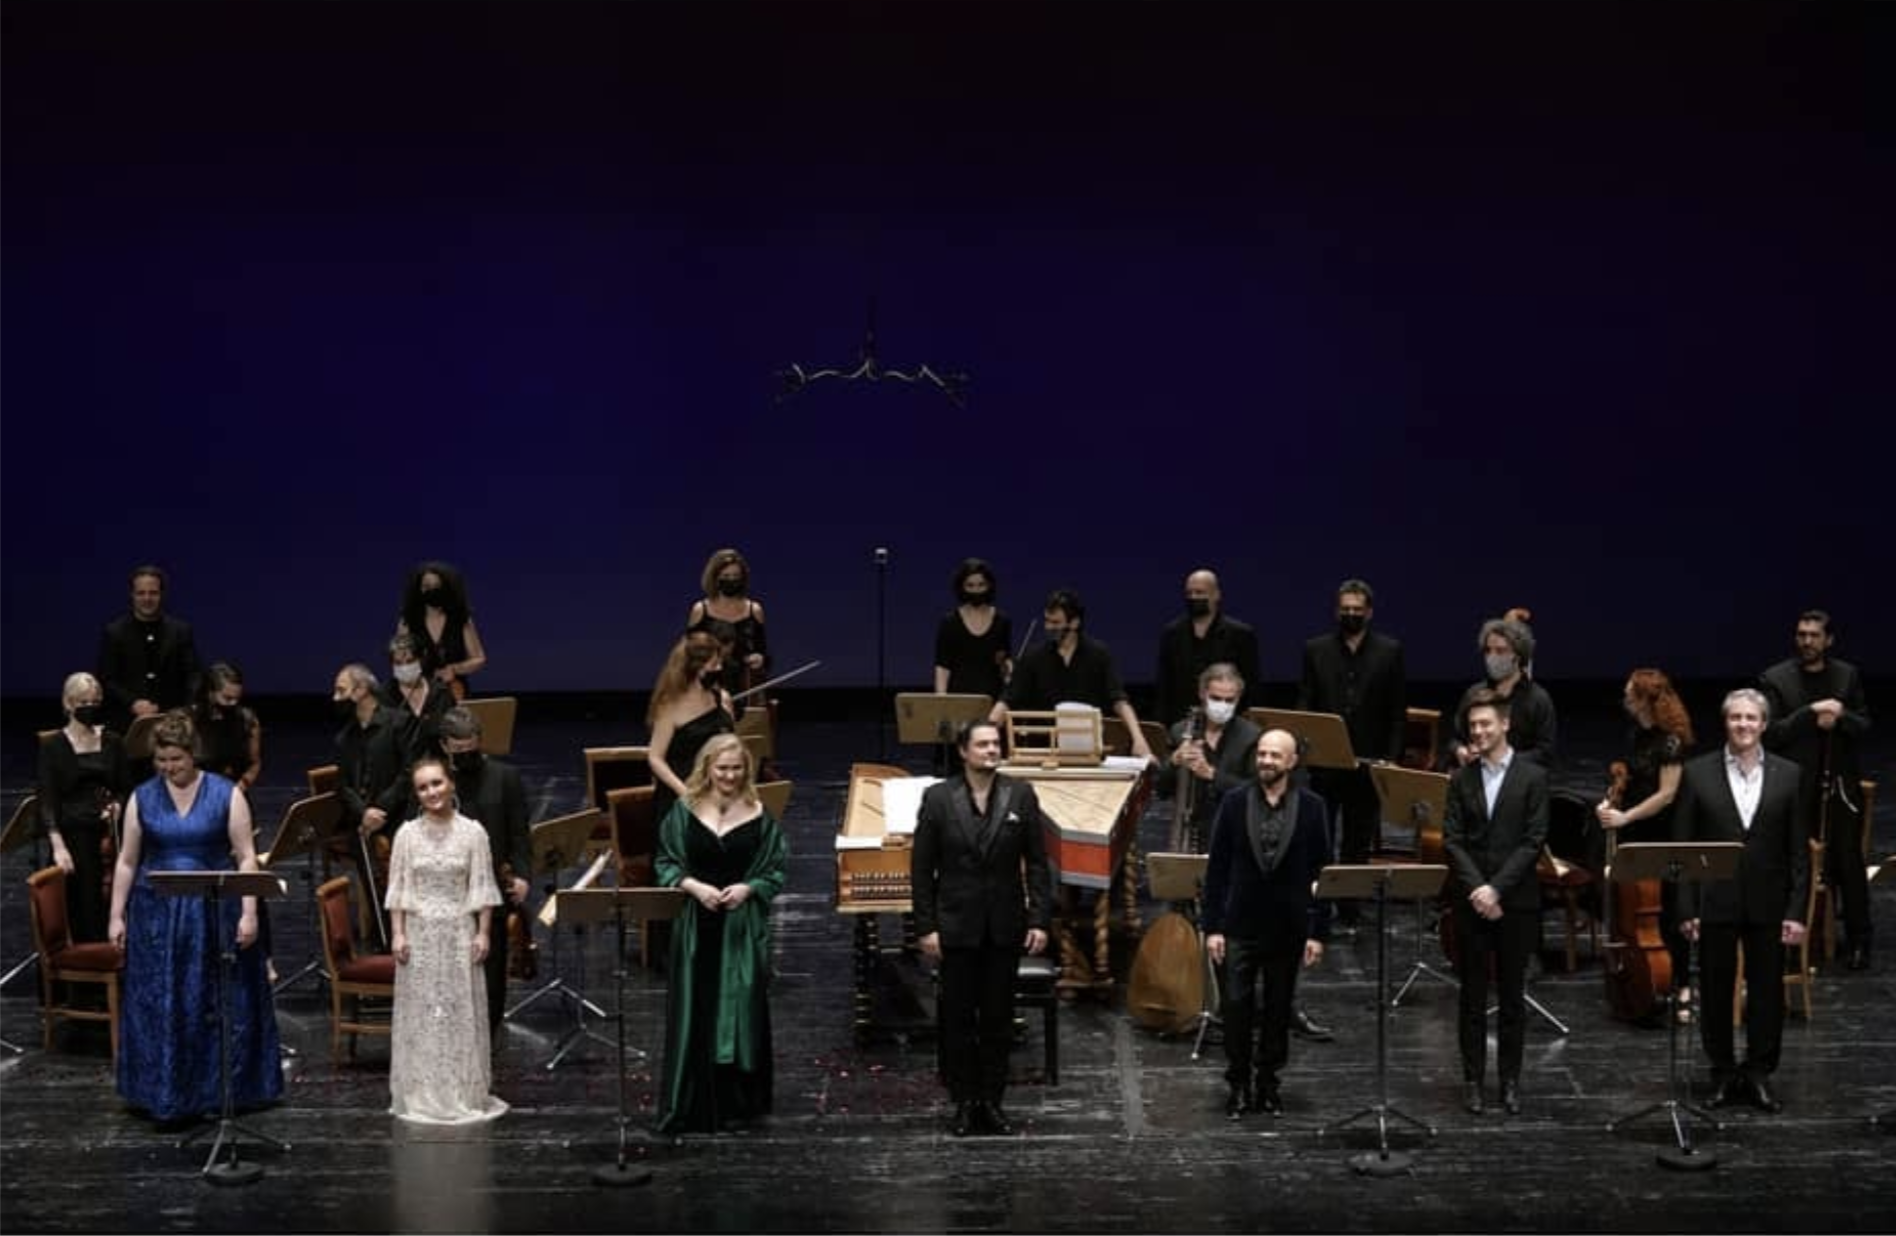 Crítica: Orlando Furioso en el Teatro Real. Tonos grises